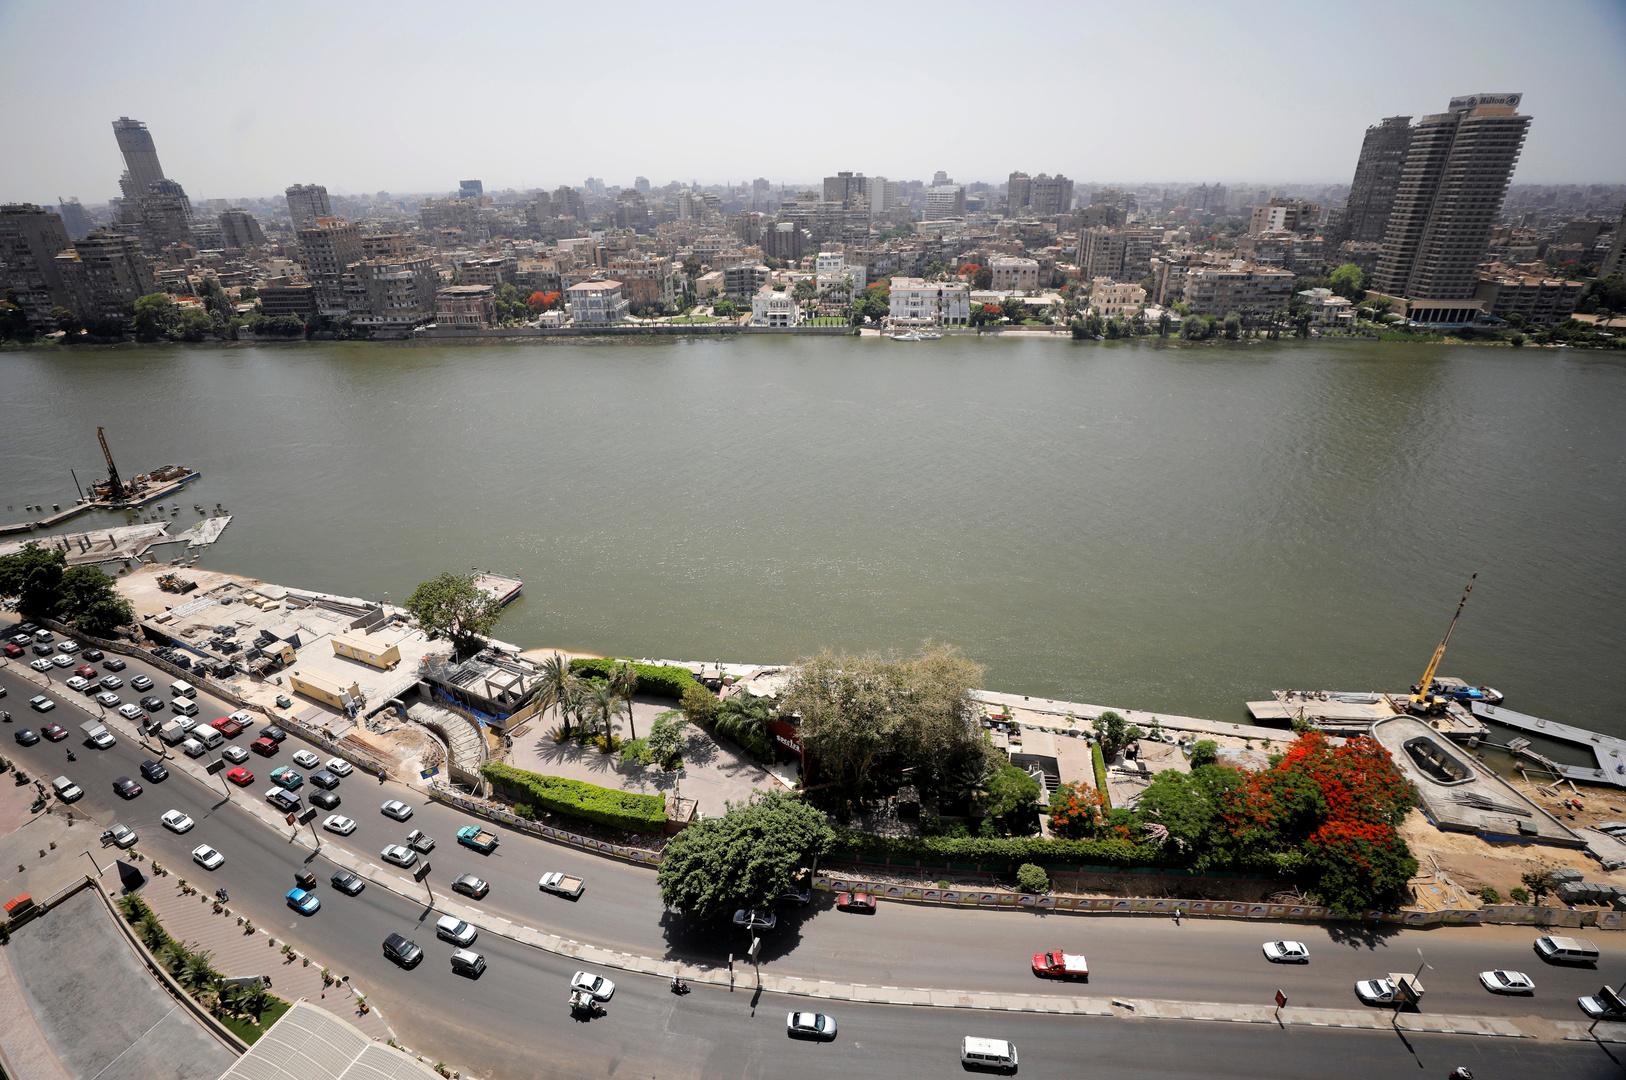 نقيب الفلاحين في مصر يحذر من أكل أحد أنواع الأسماك